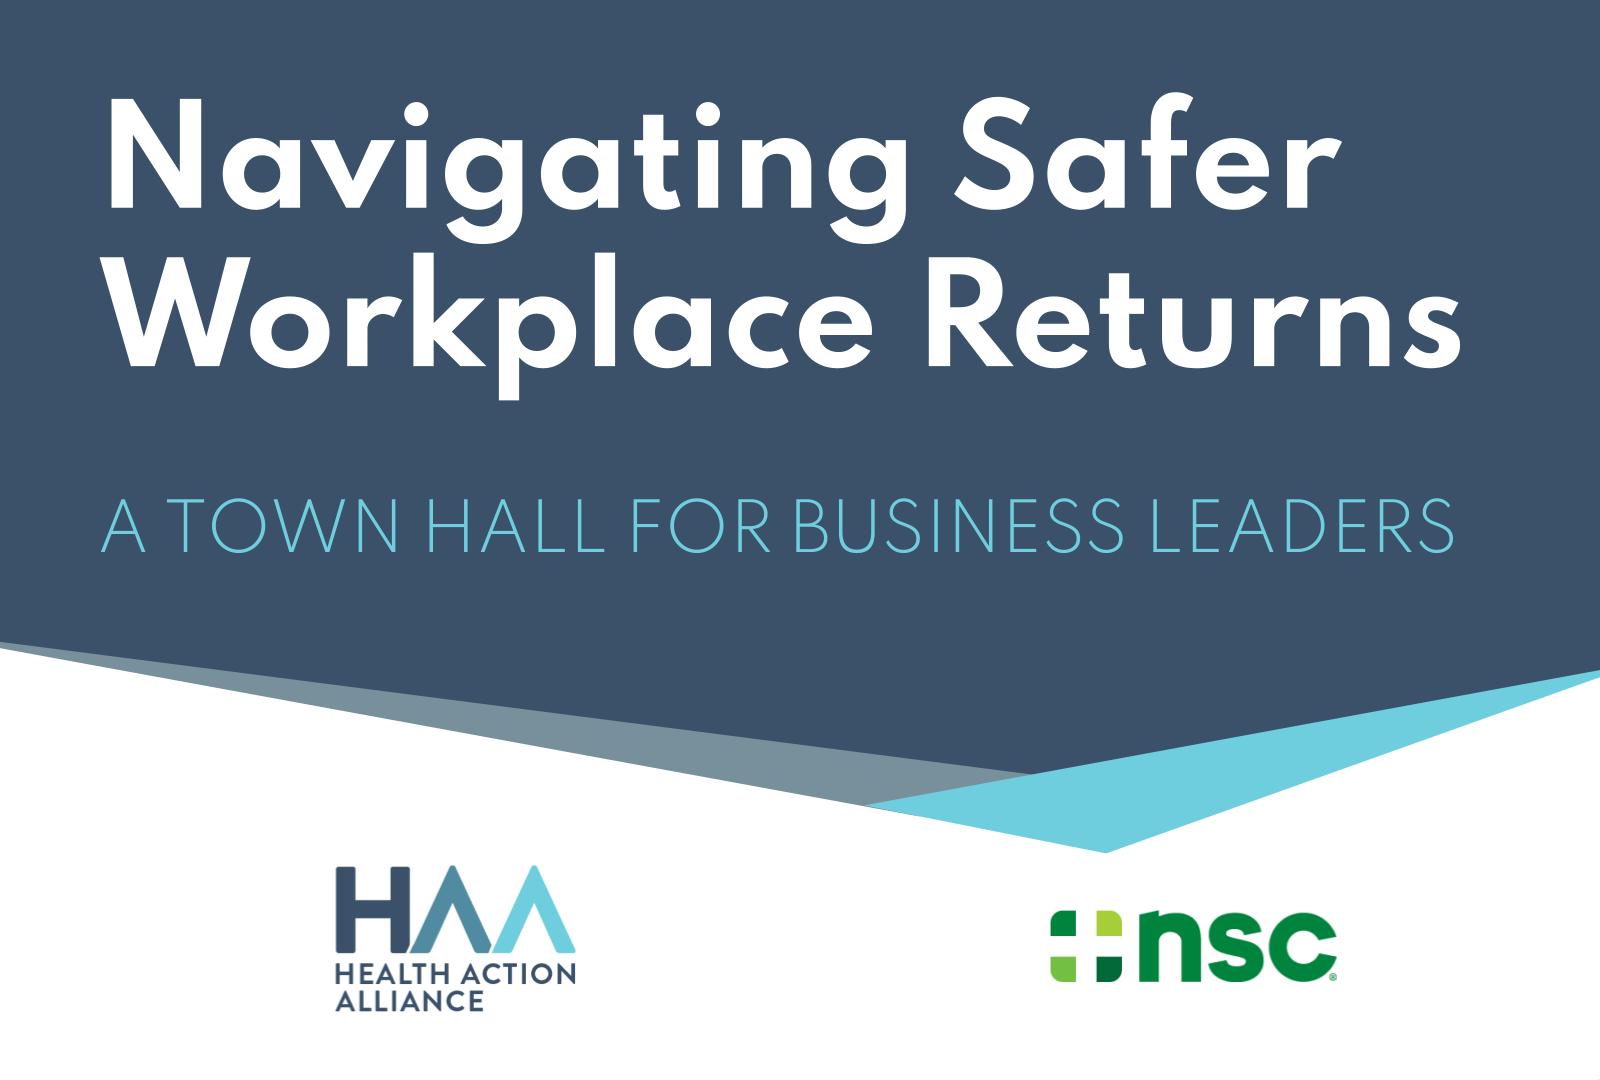 Navigating Safer Workplace Returns